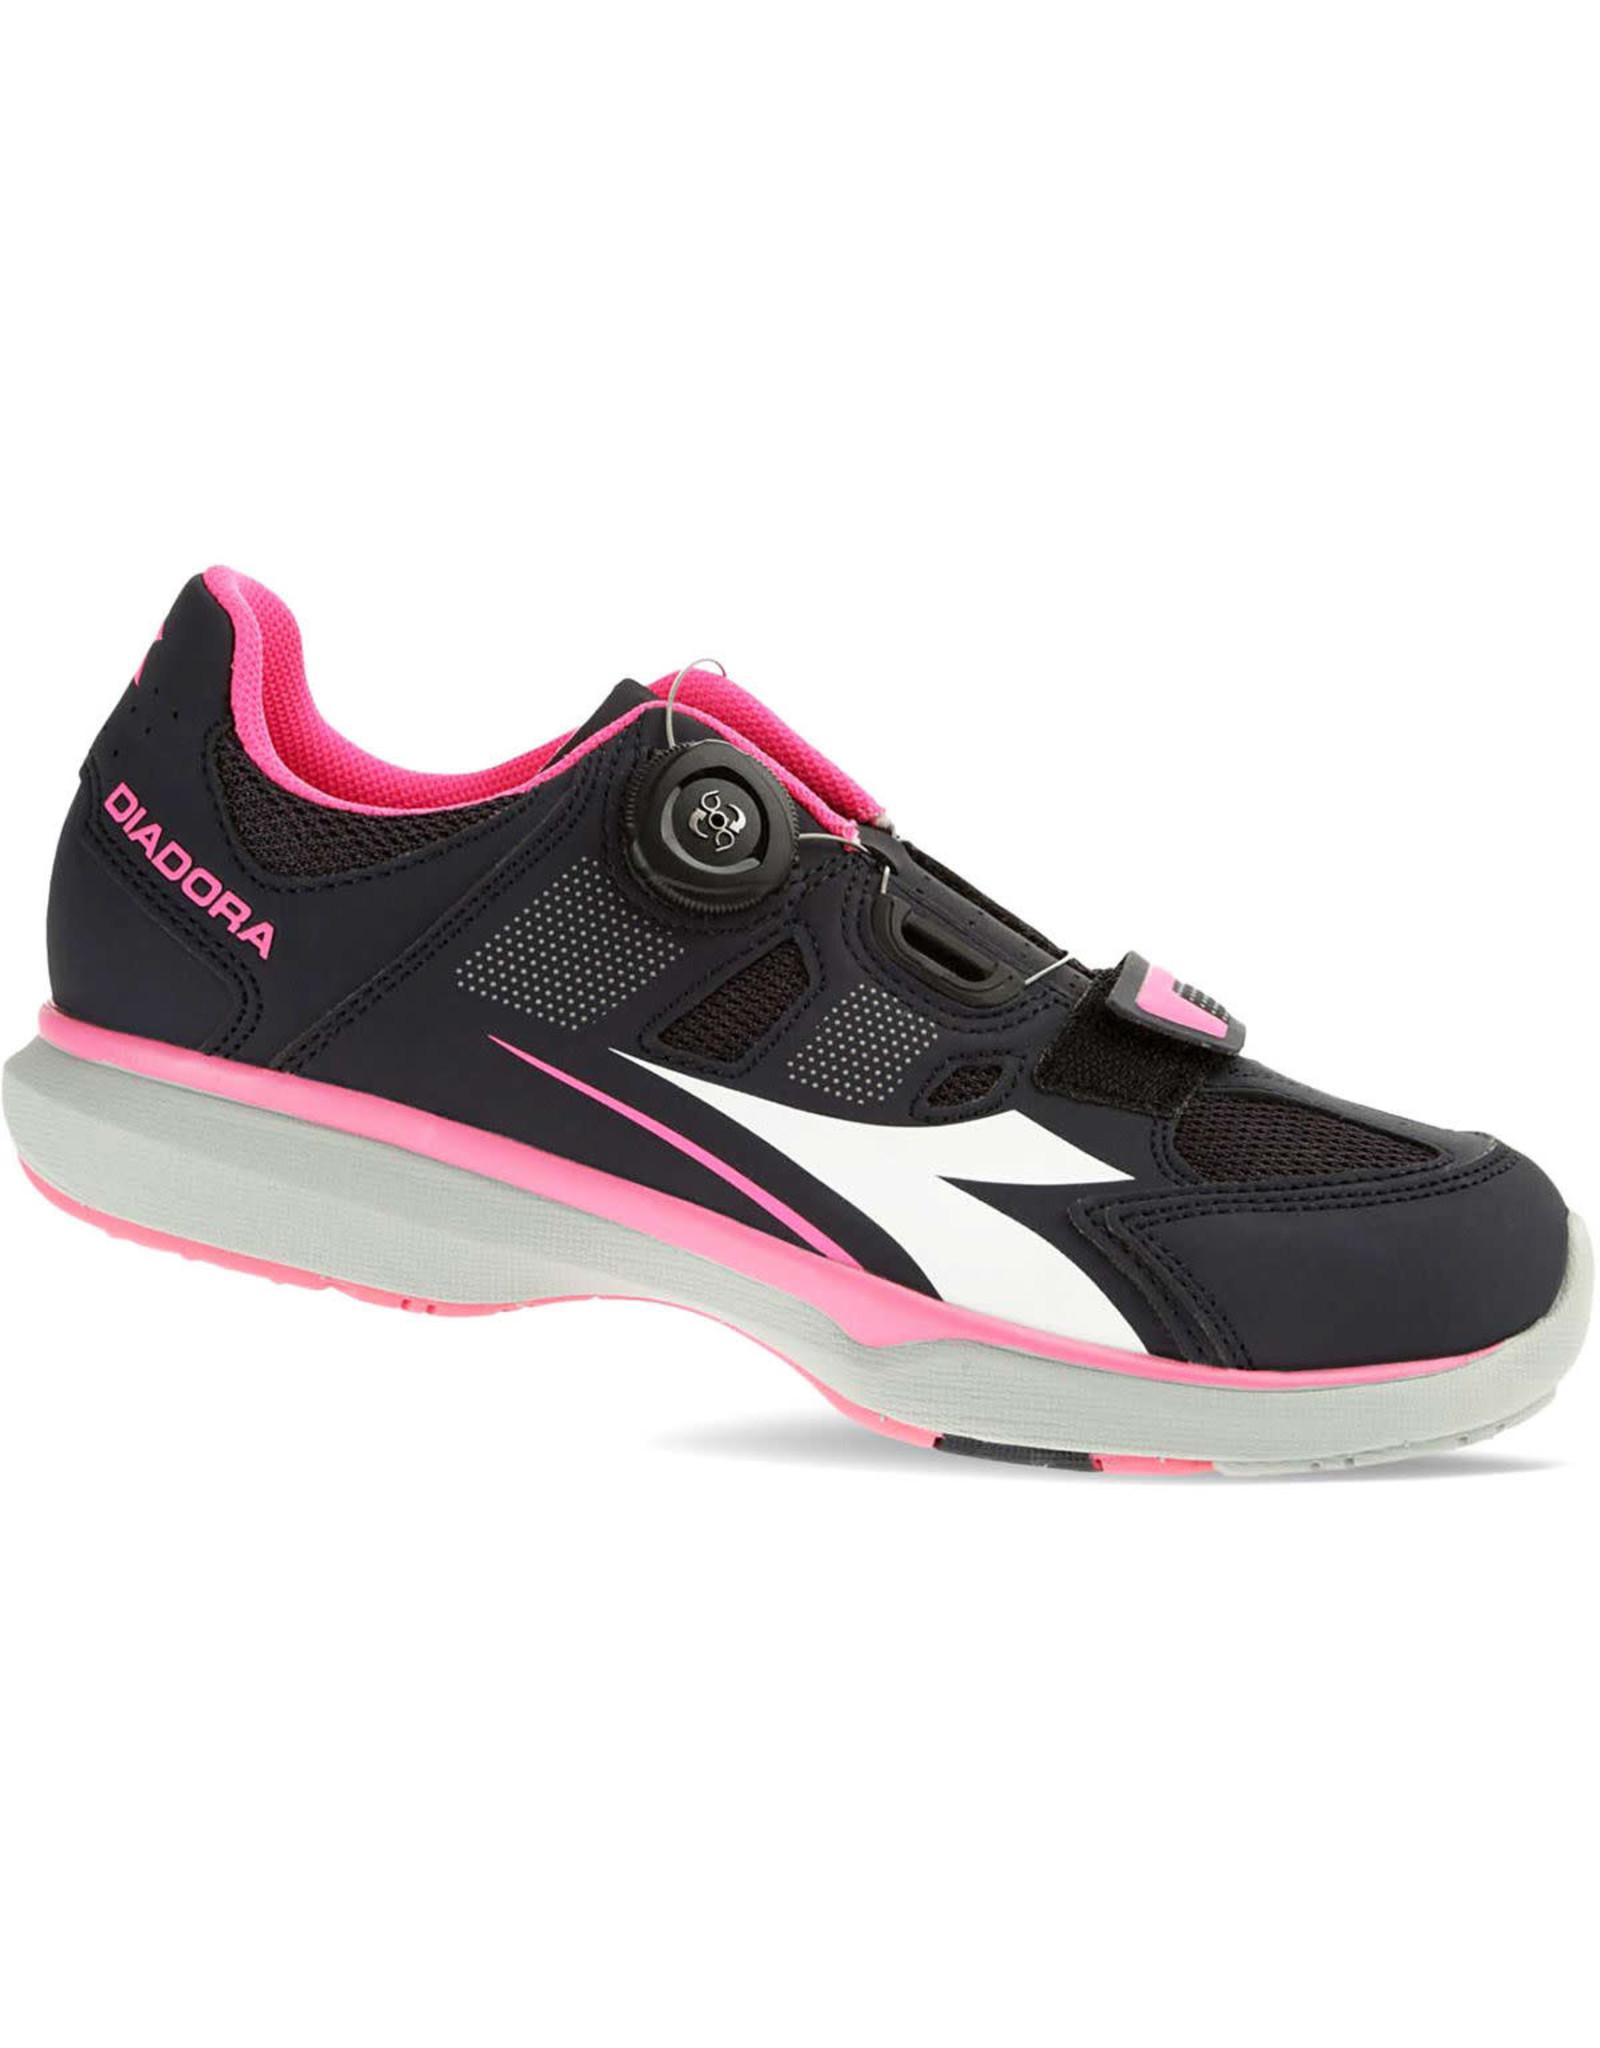 Diadora Shoes Diadora Gym F black/pink 2016 #36